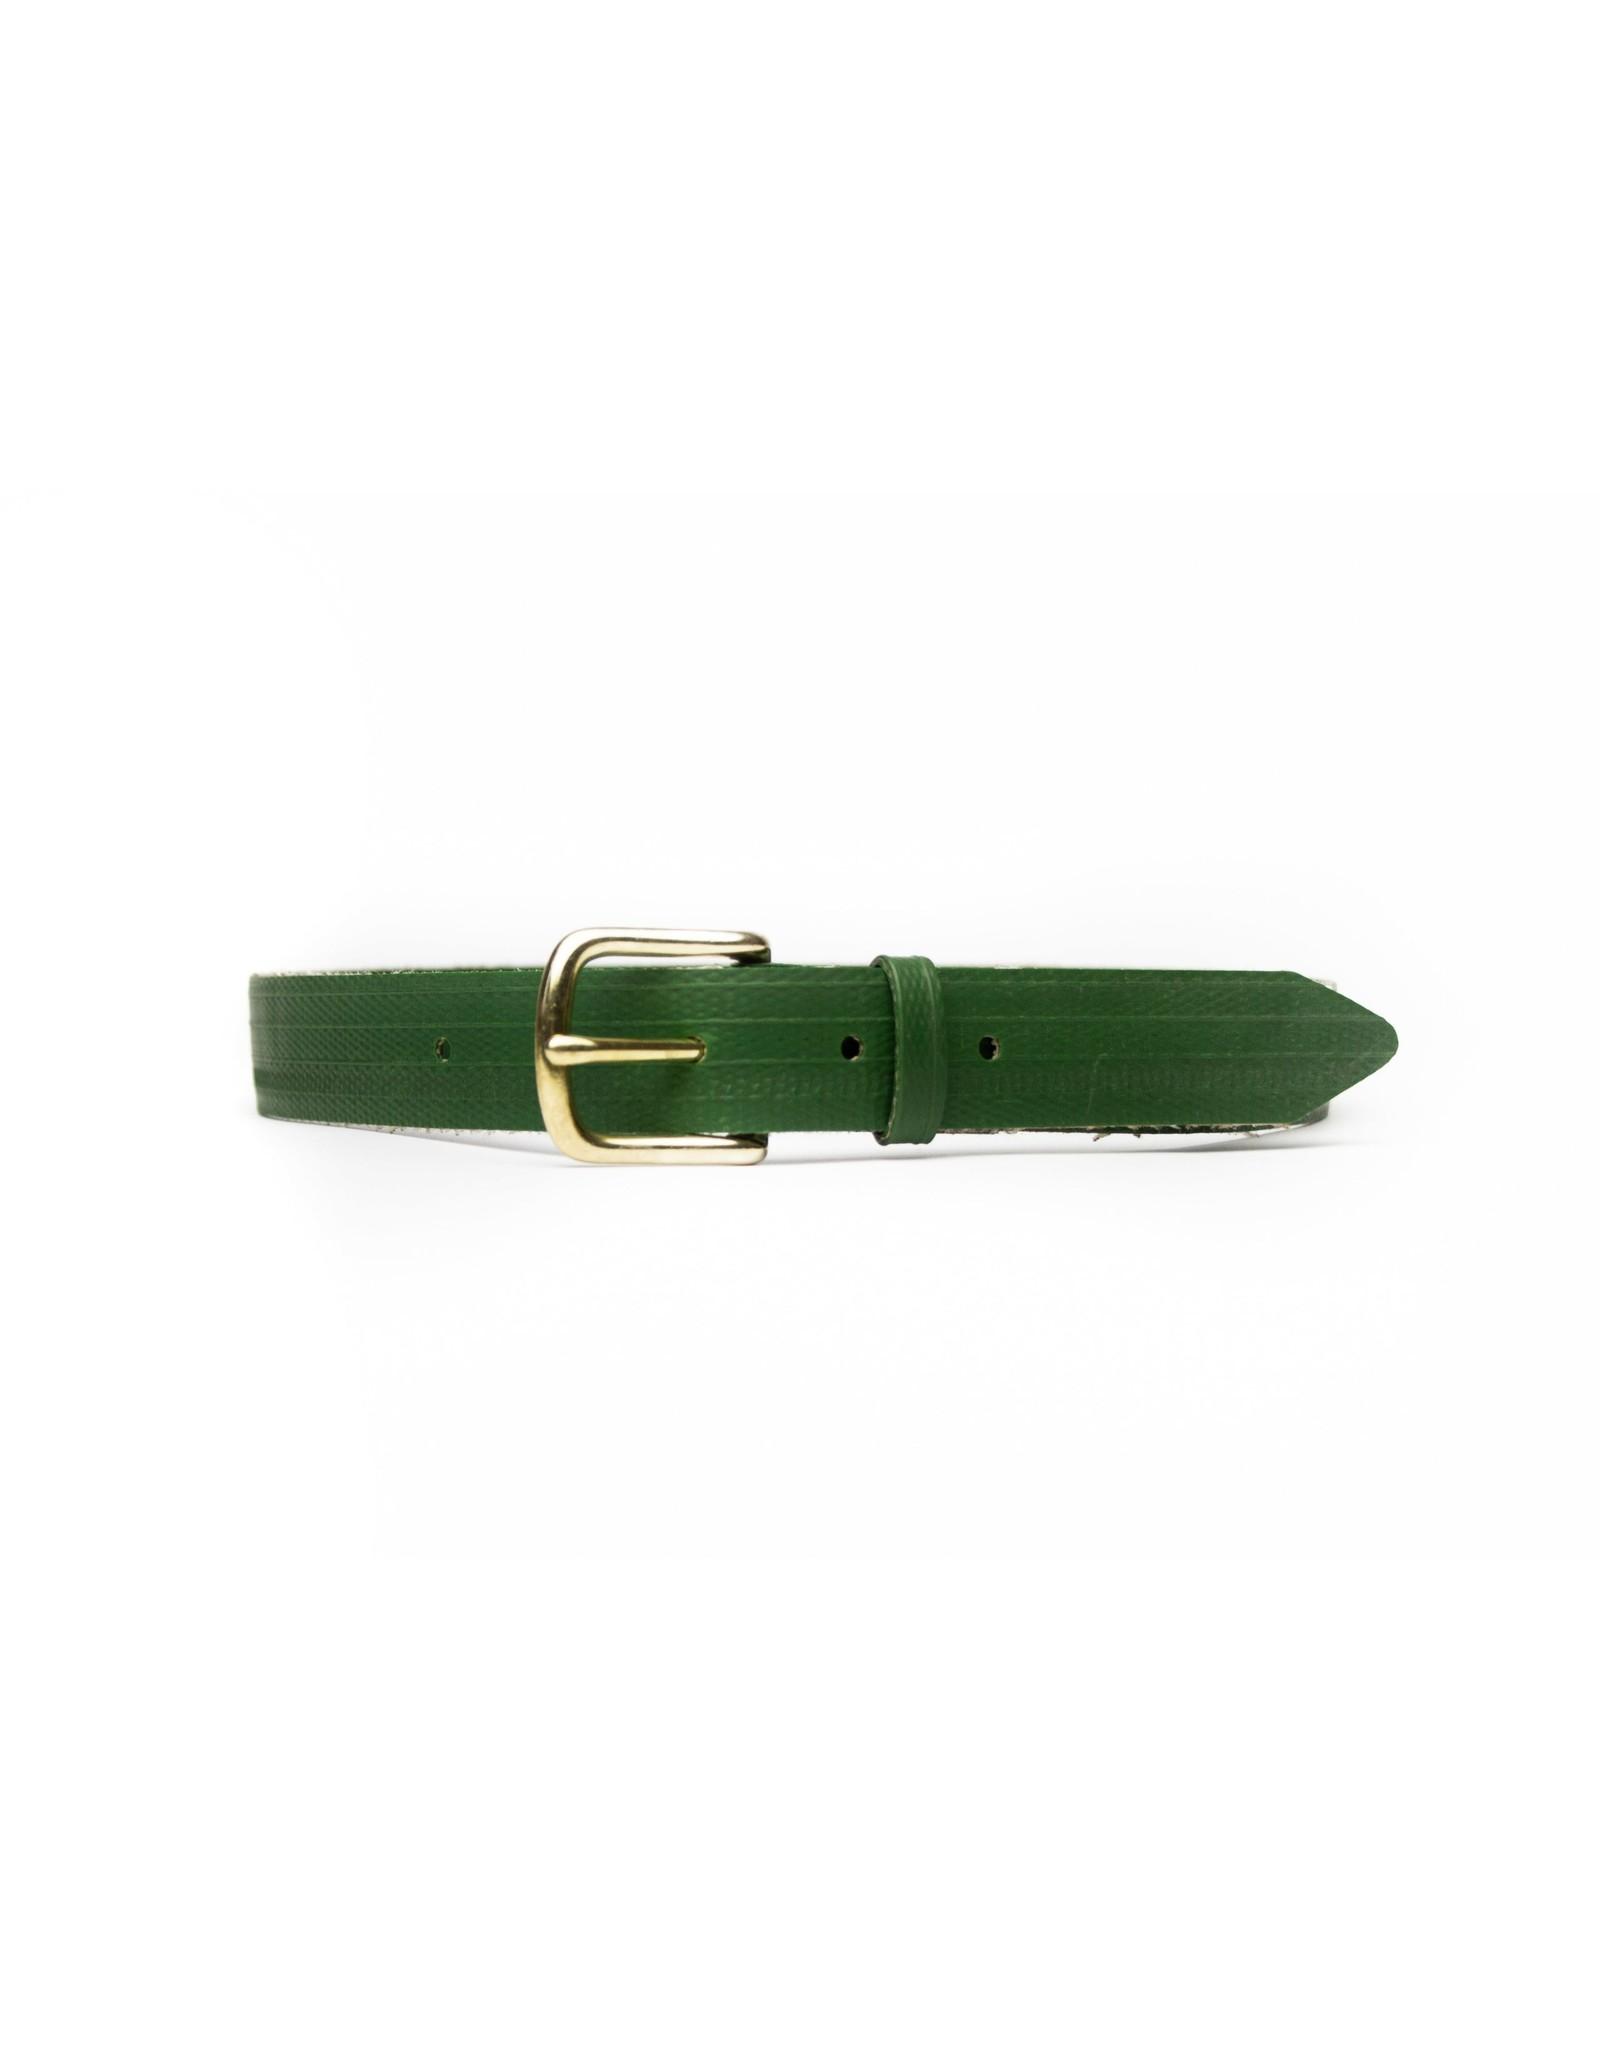 Bendl Riem groen 3cm